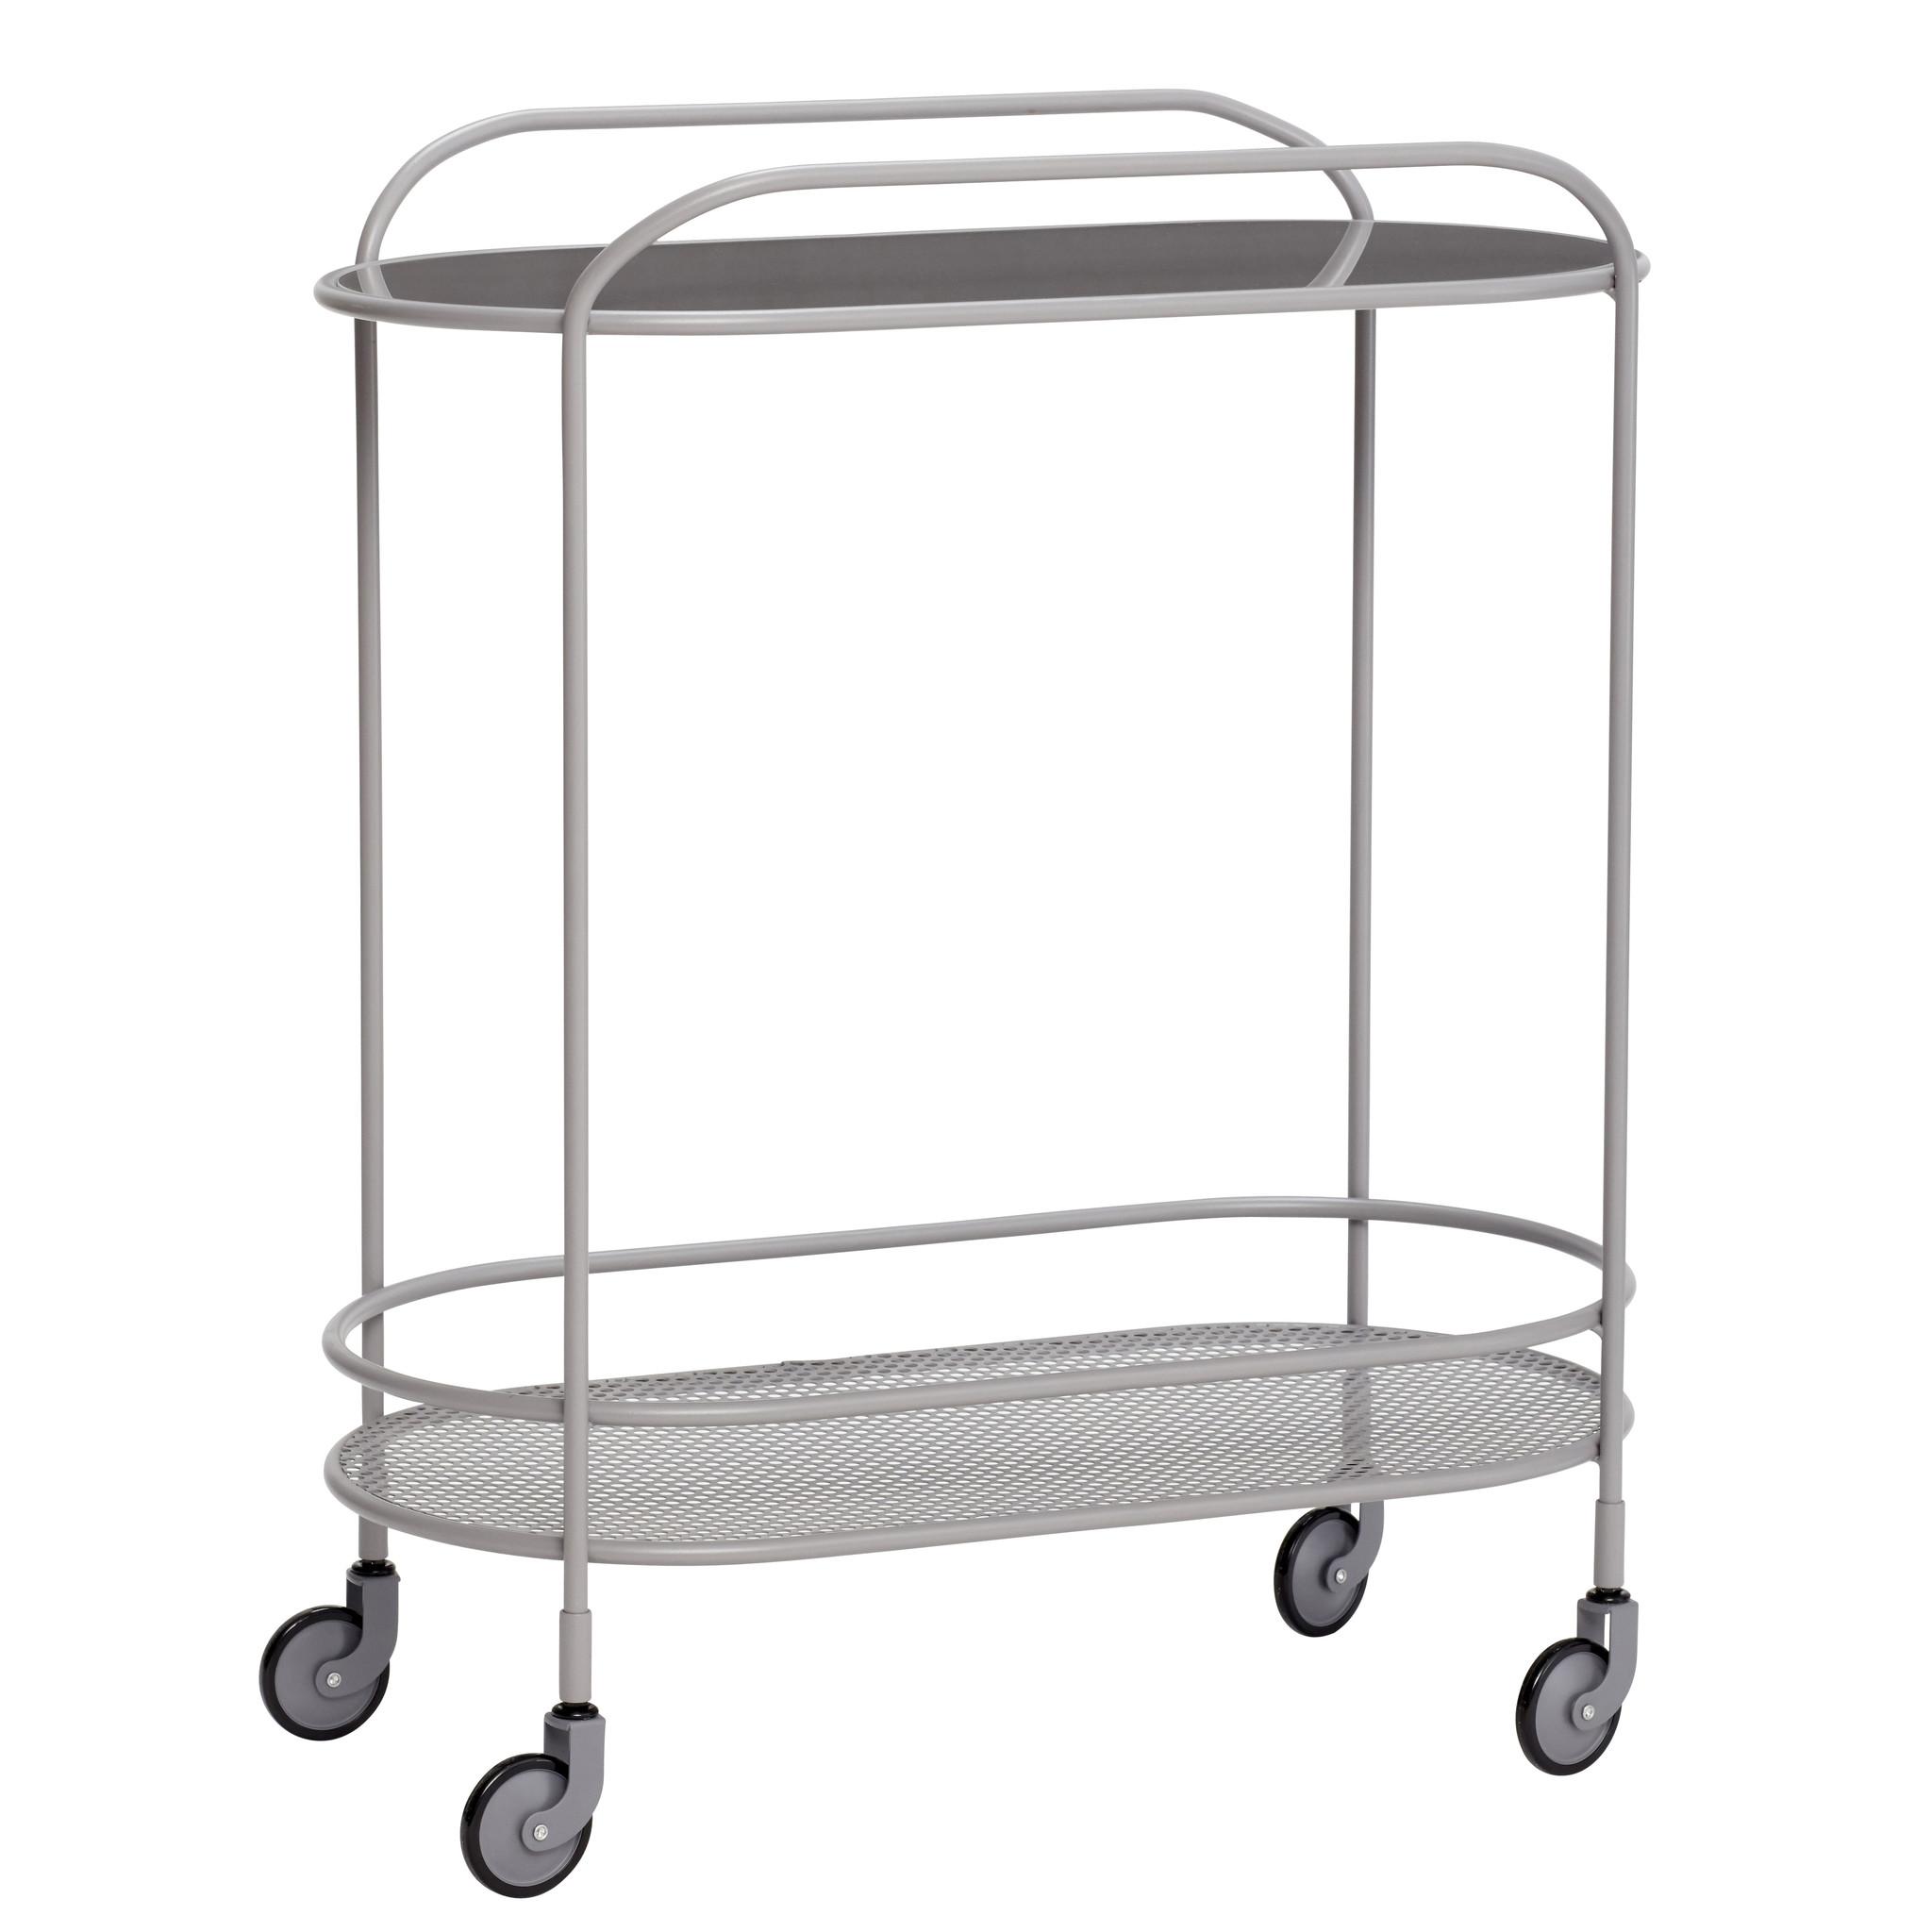 Hubsch Trolley, spiegel / metaal, grijs-20904-5712772070154